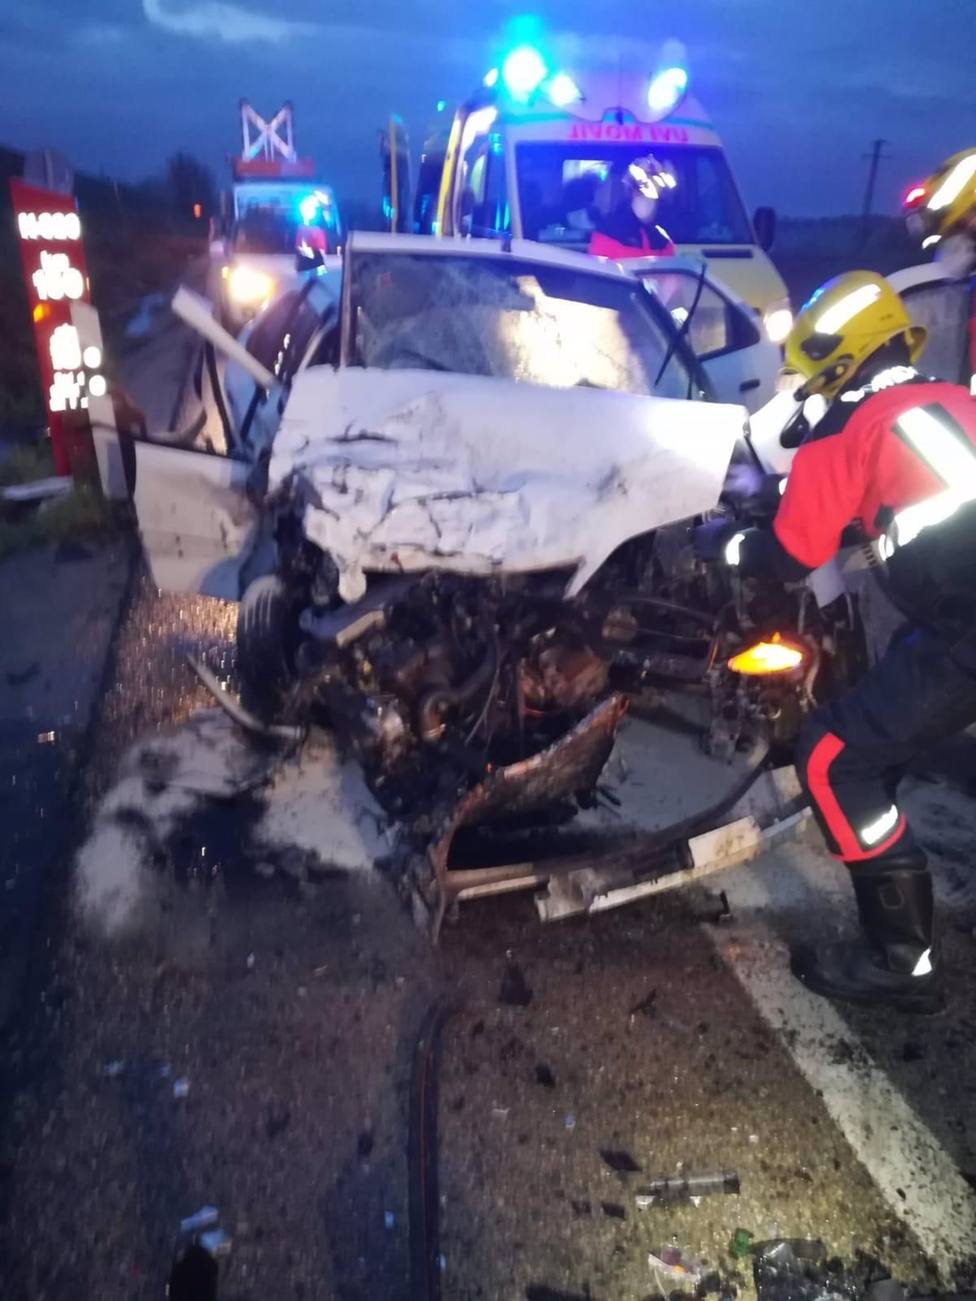 Sucesos.- Dos personas trasladadas al Virgen de la Luz tras sufrir un accidente de tráfico en Chillaron de Cuenca